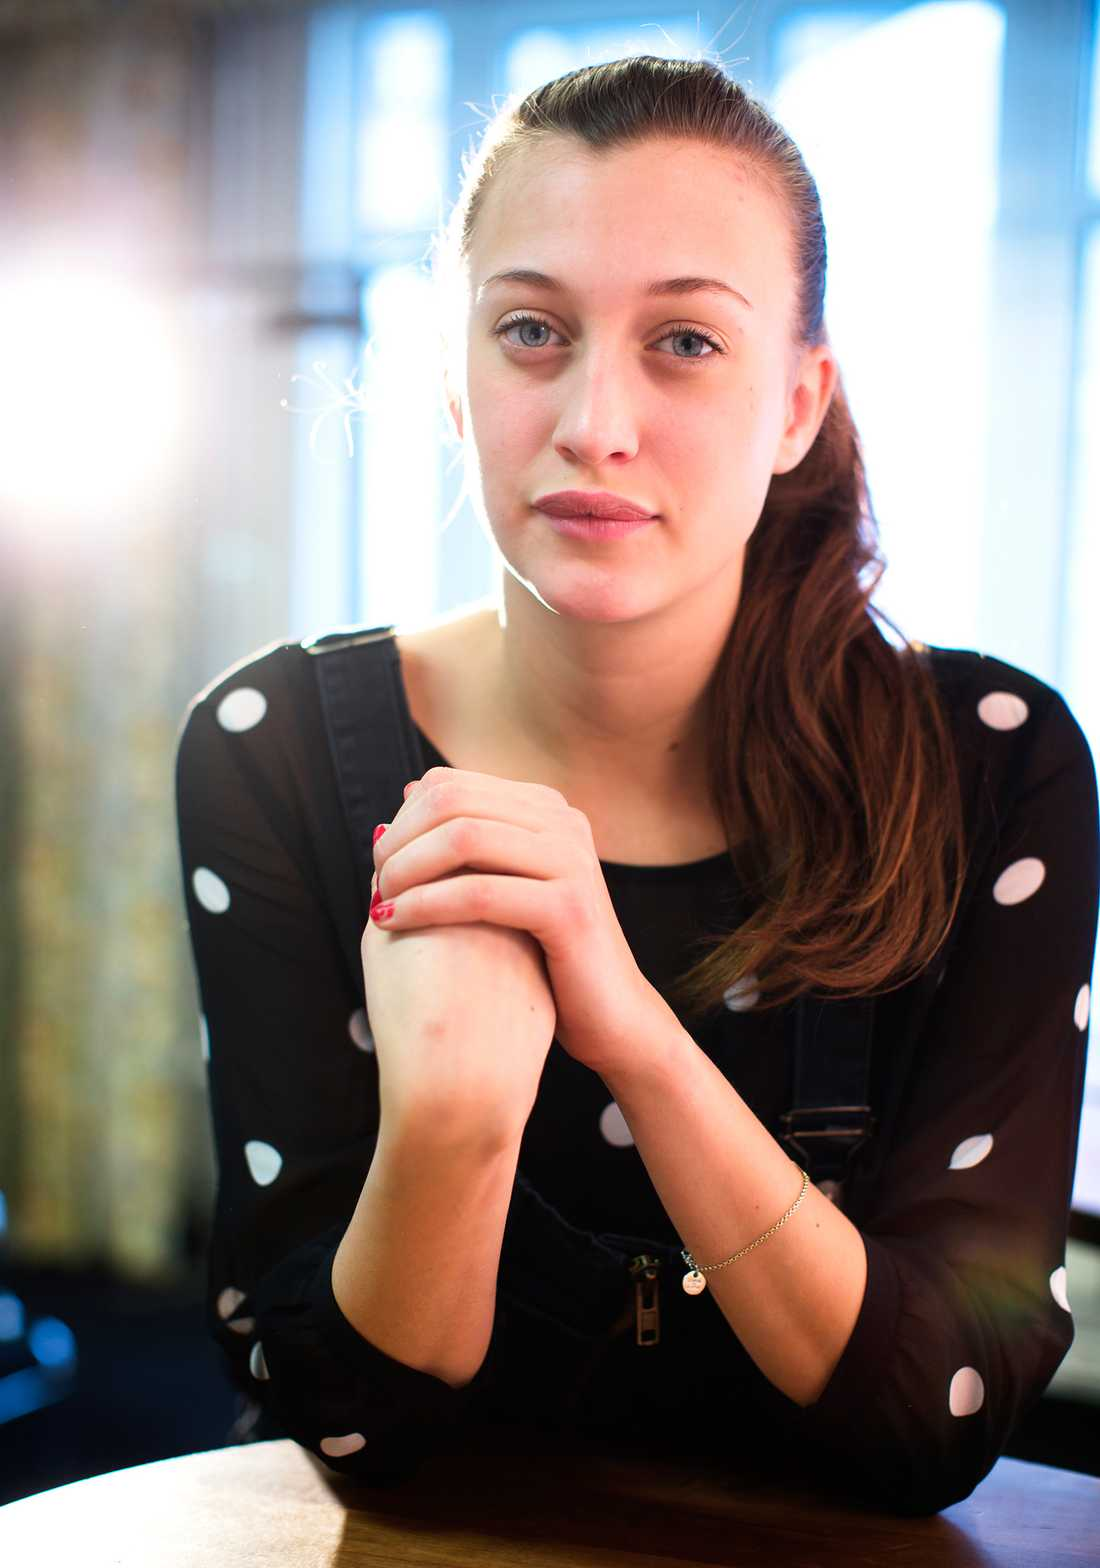 """""""Hoppas det går bra"""" Julia Ragnarsson har goda chanser för ett genombrott med """"Stockholms stories""""- """"Det är möjligt, jag hoppas...att det går bra"""", säger hon."""